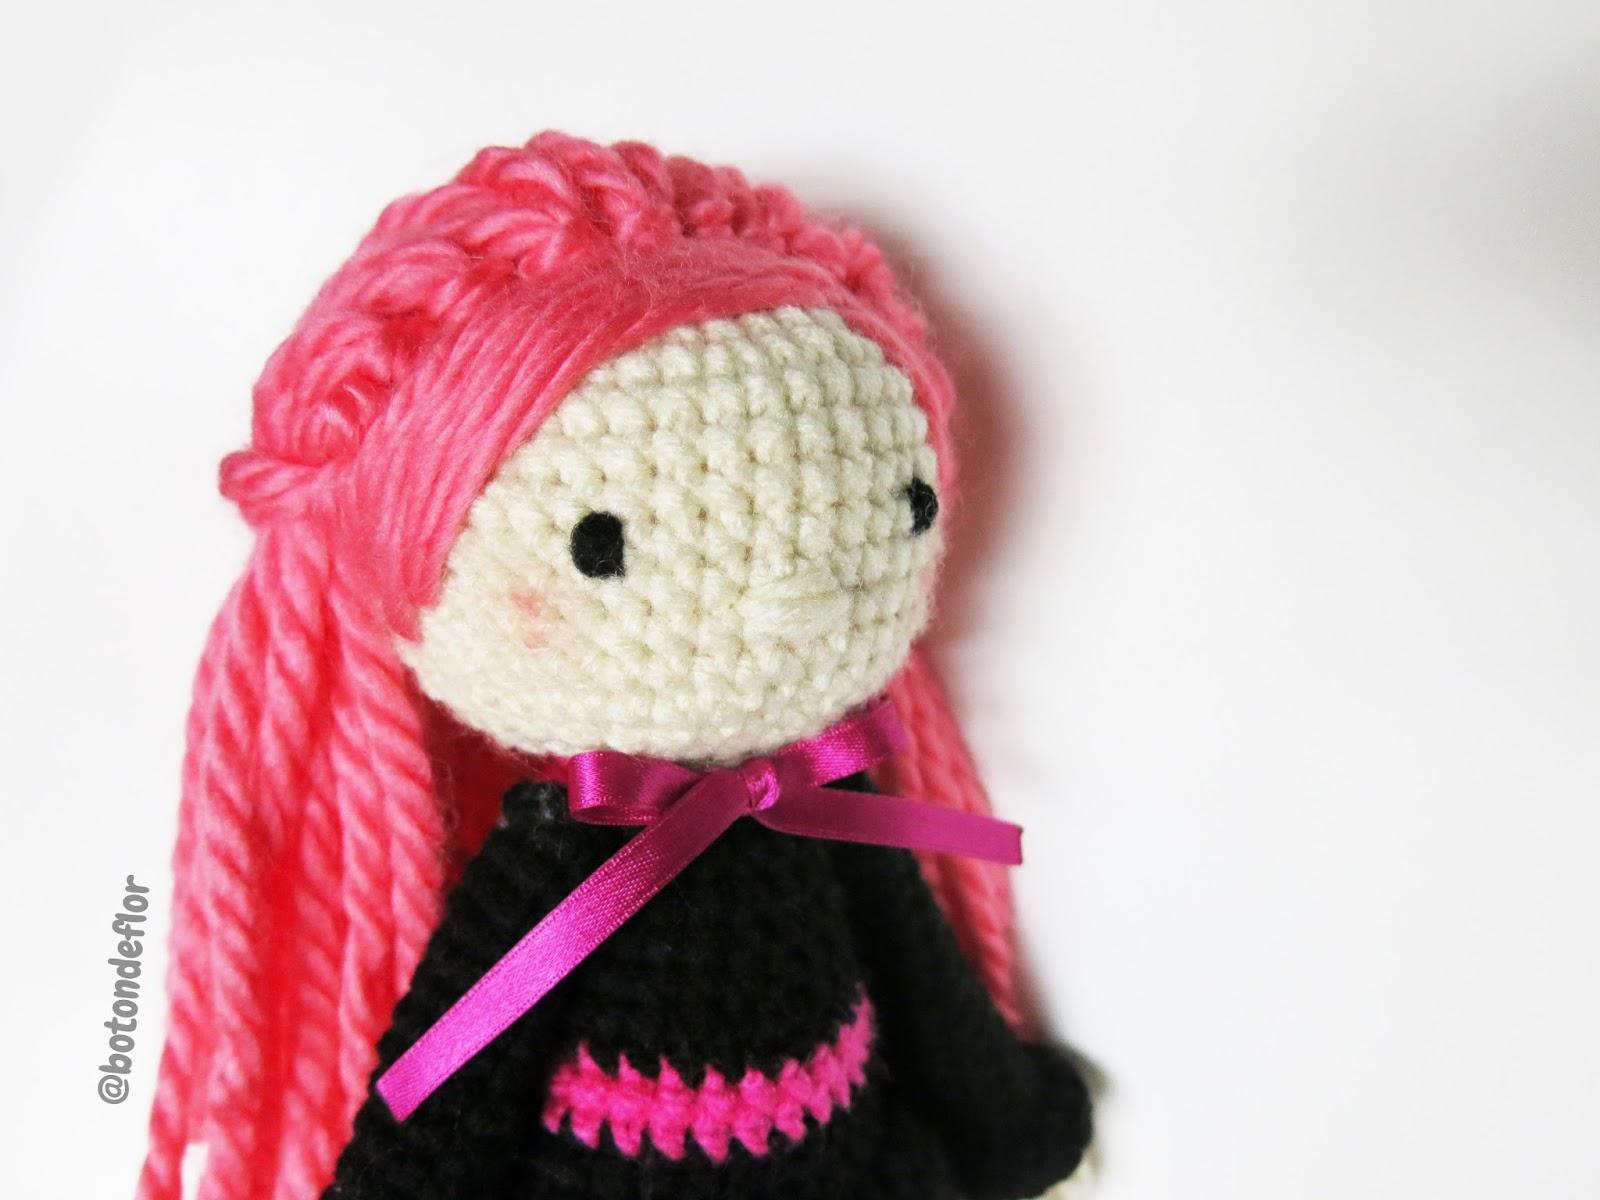 Botón de Flor: Patrón para tejer una brujita a crochet